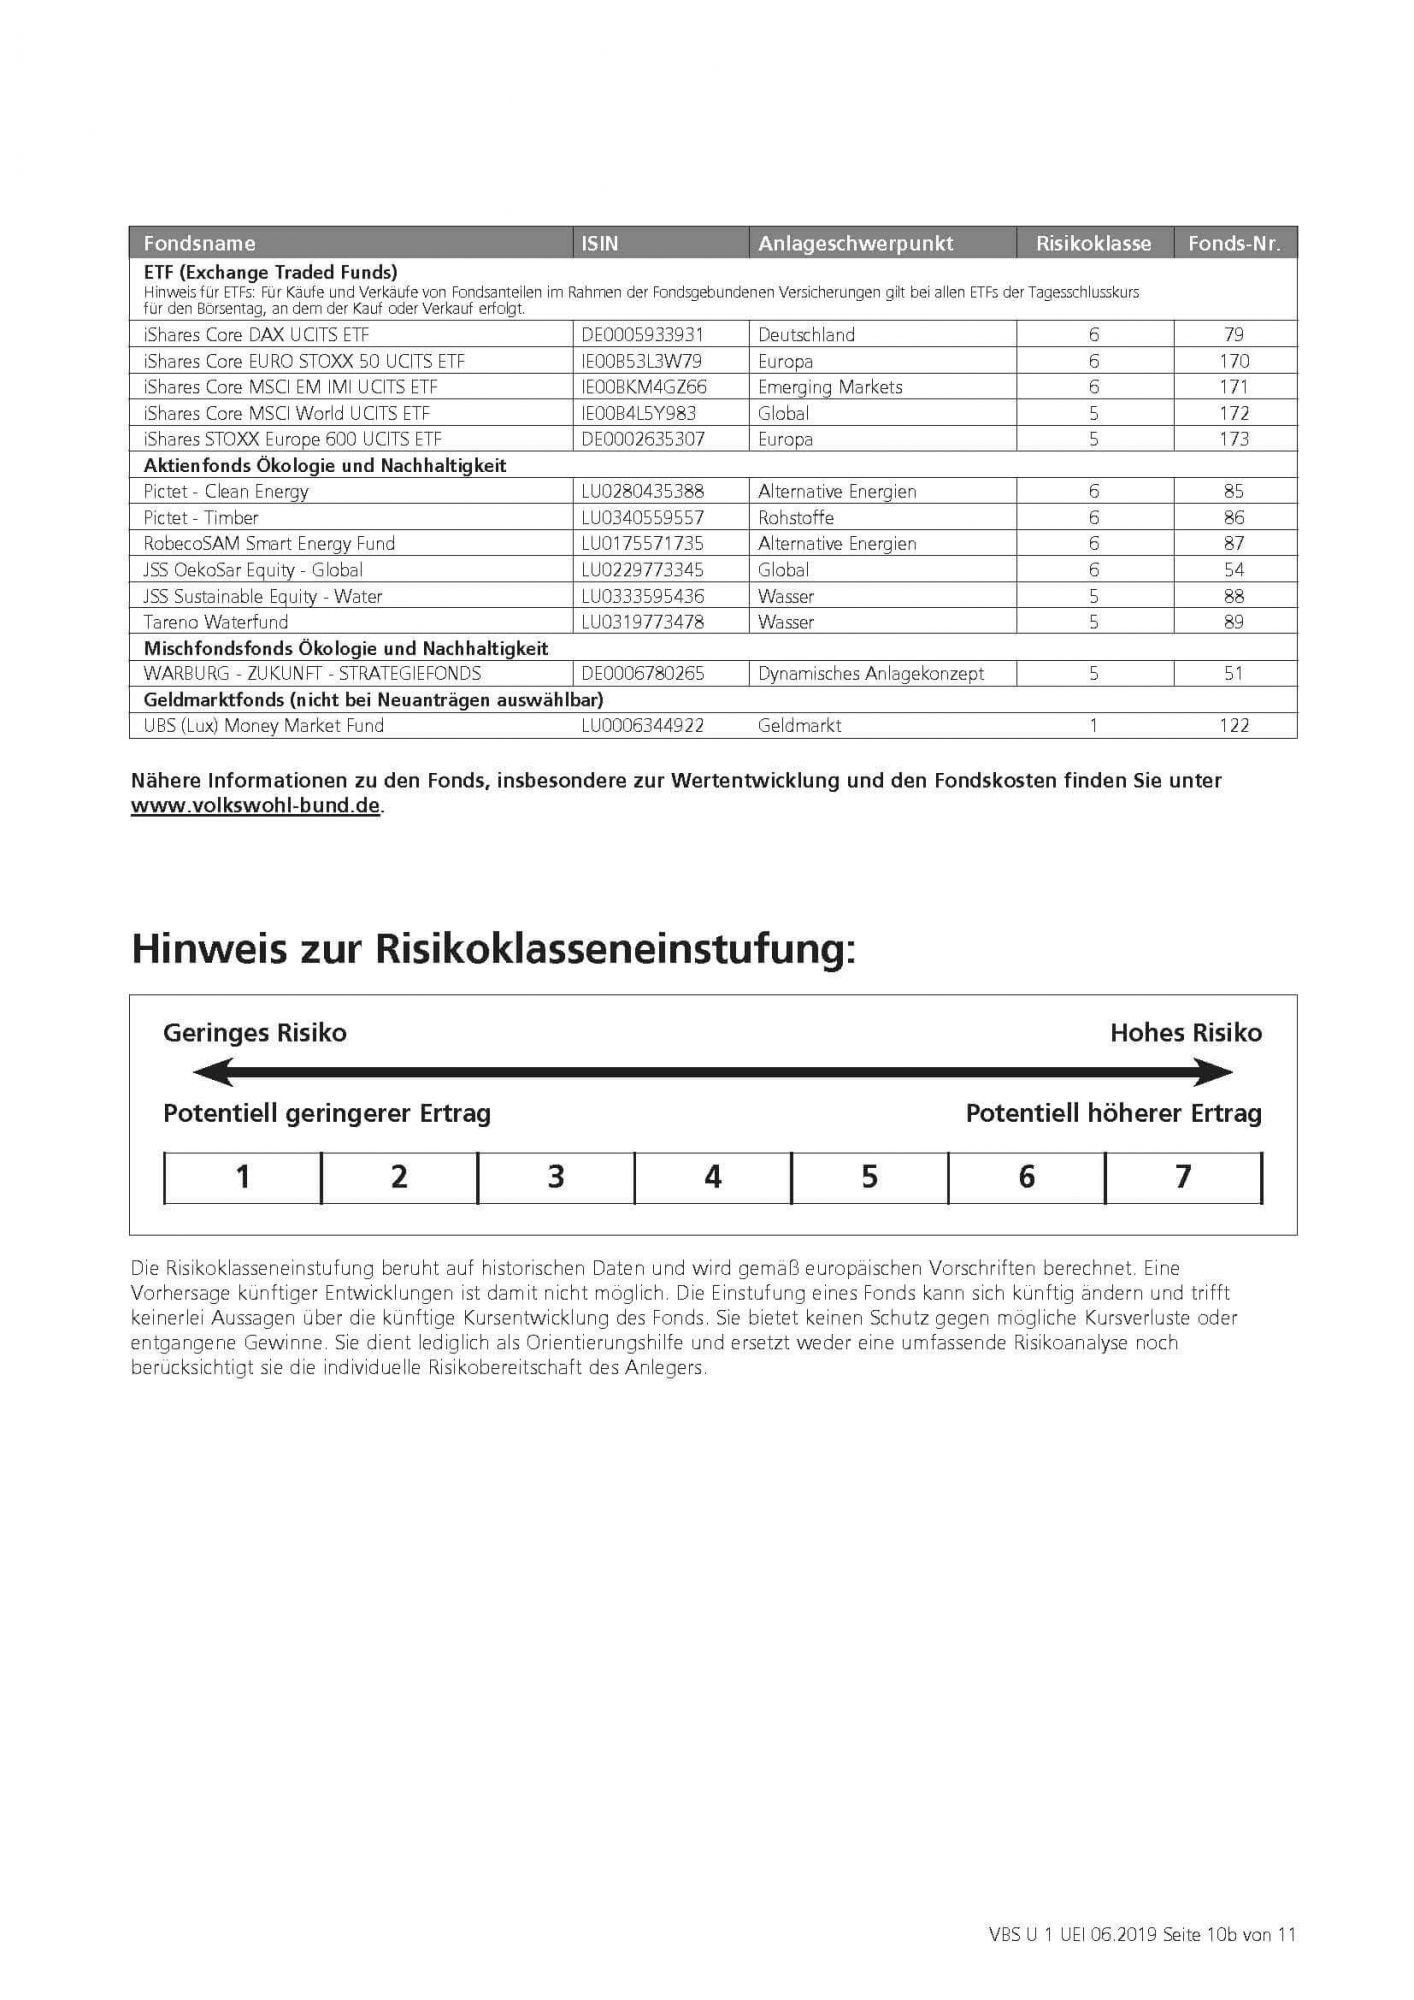 Unfall Easy, Volkswohl Bund, Fondsauswahl